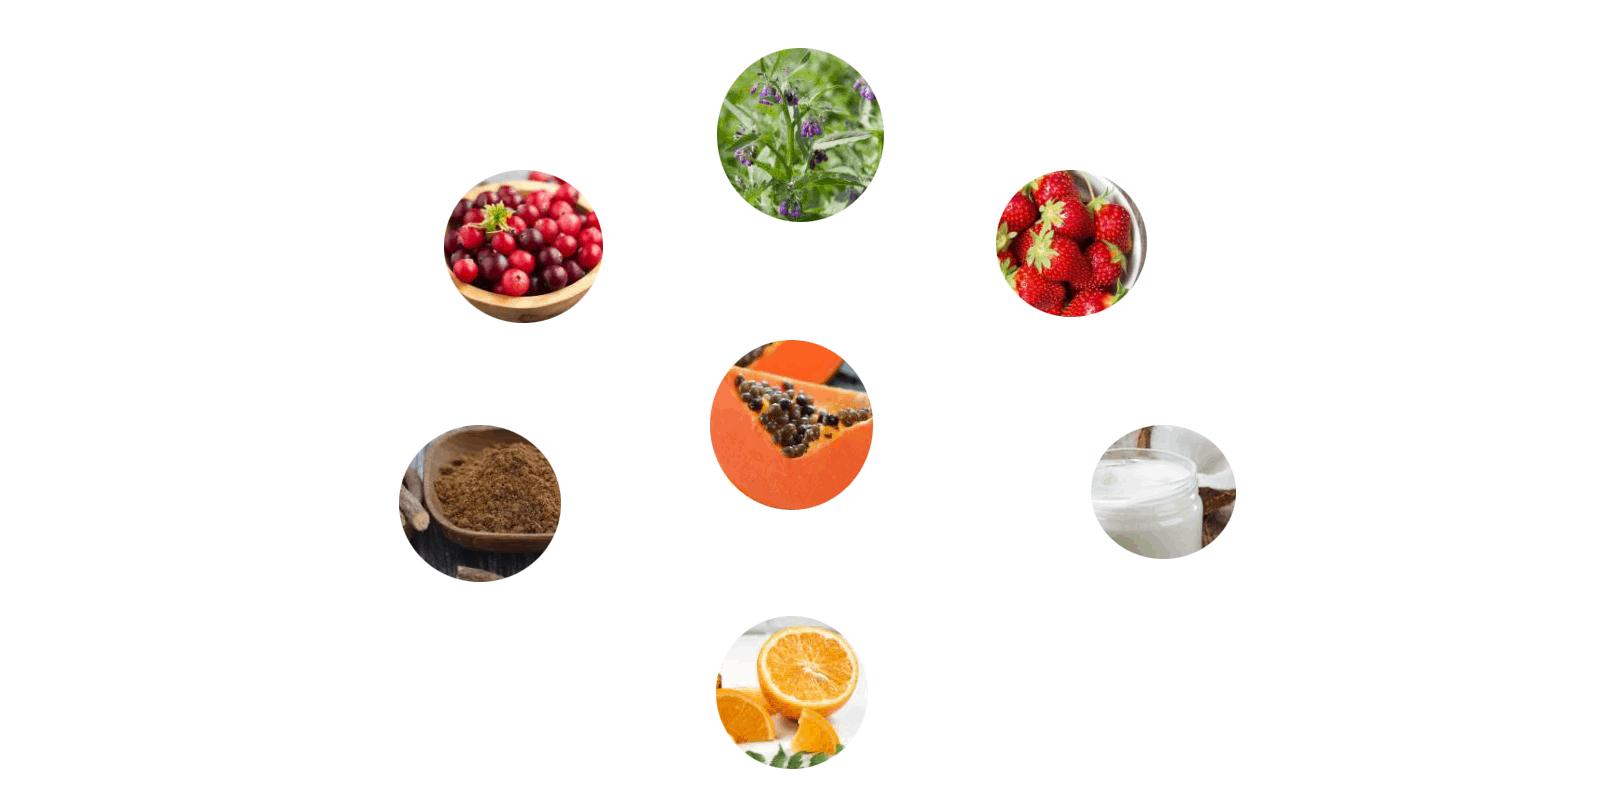 Zeta White ingredients